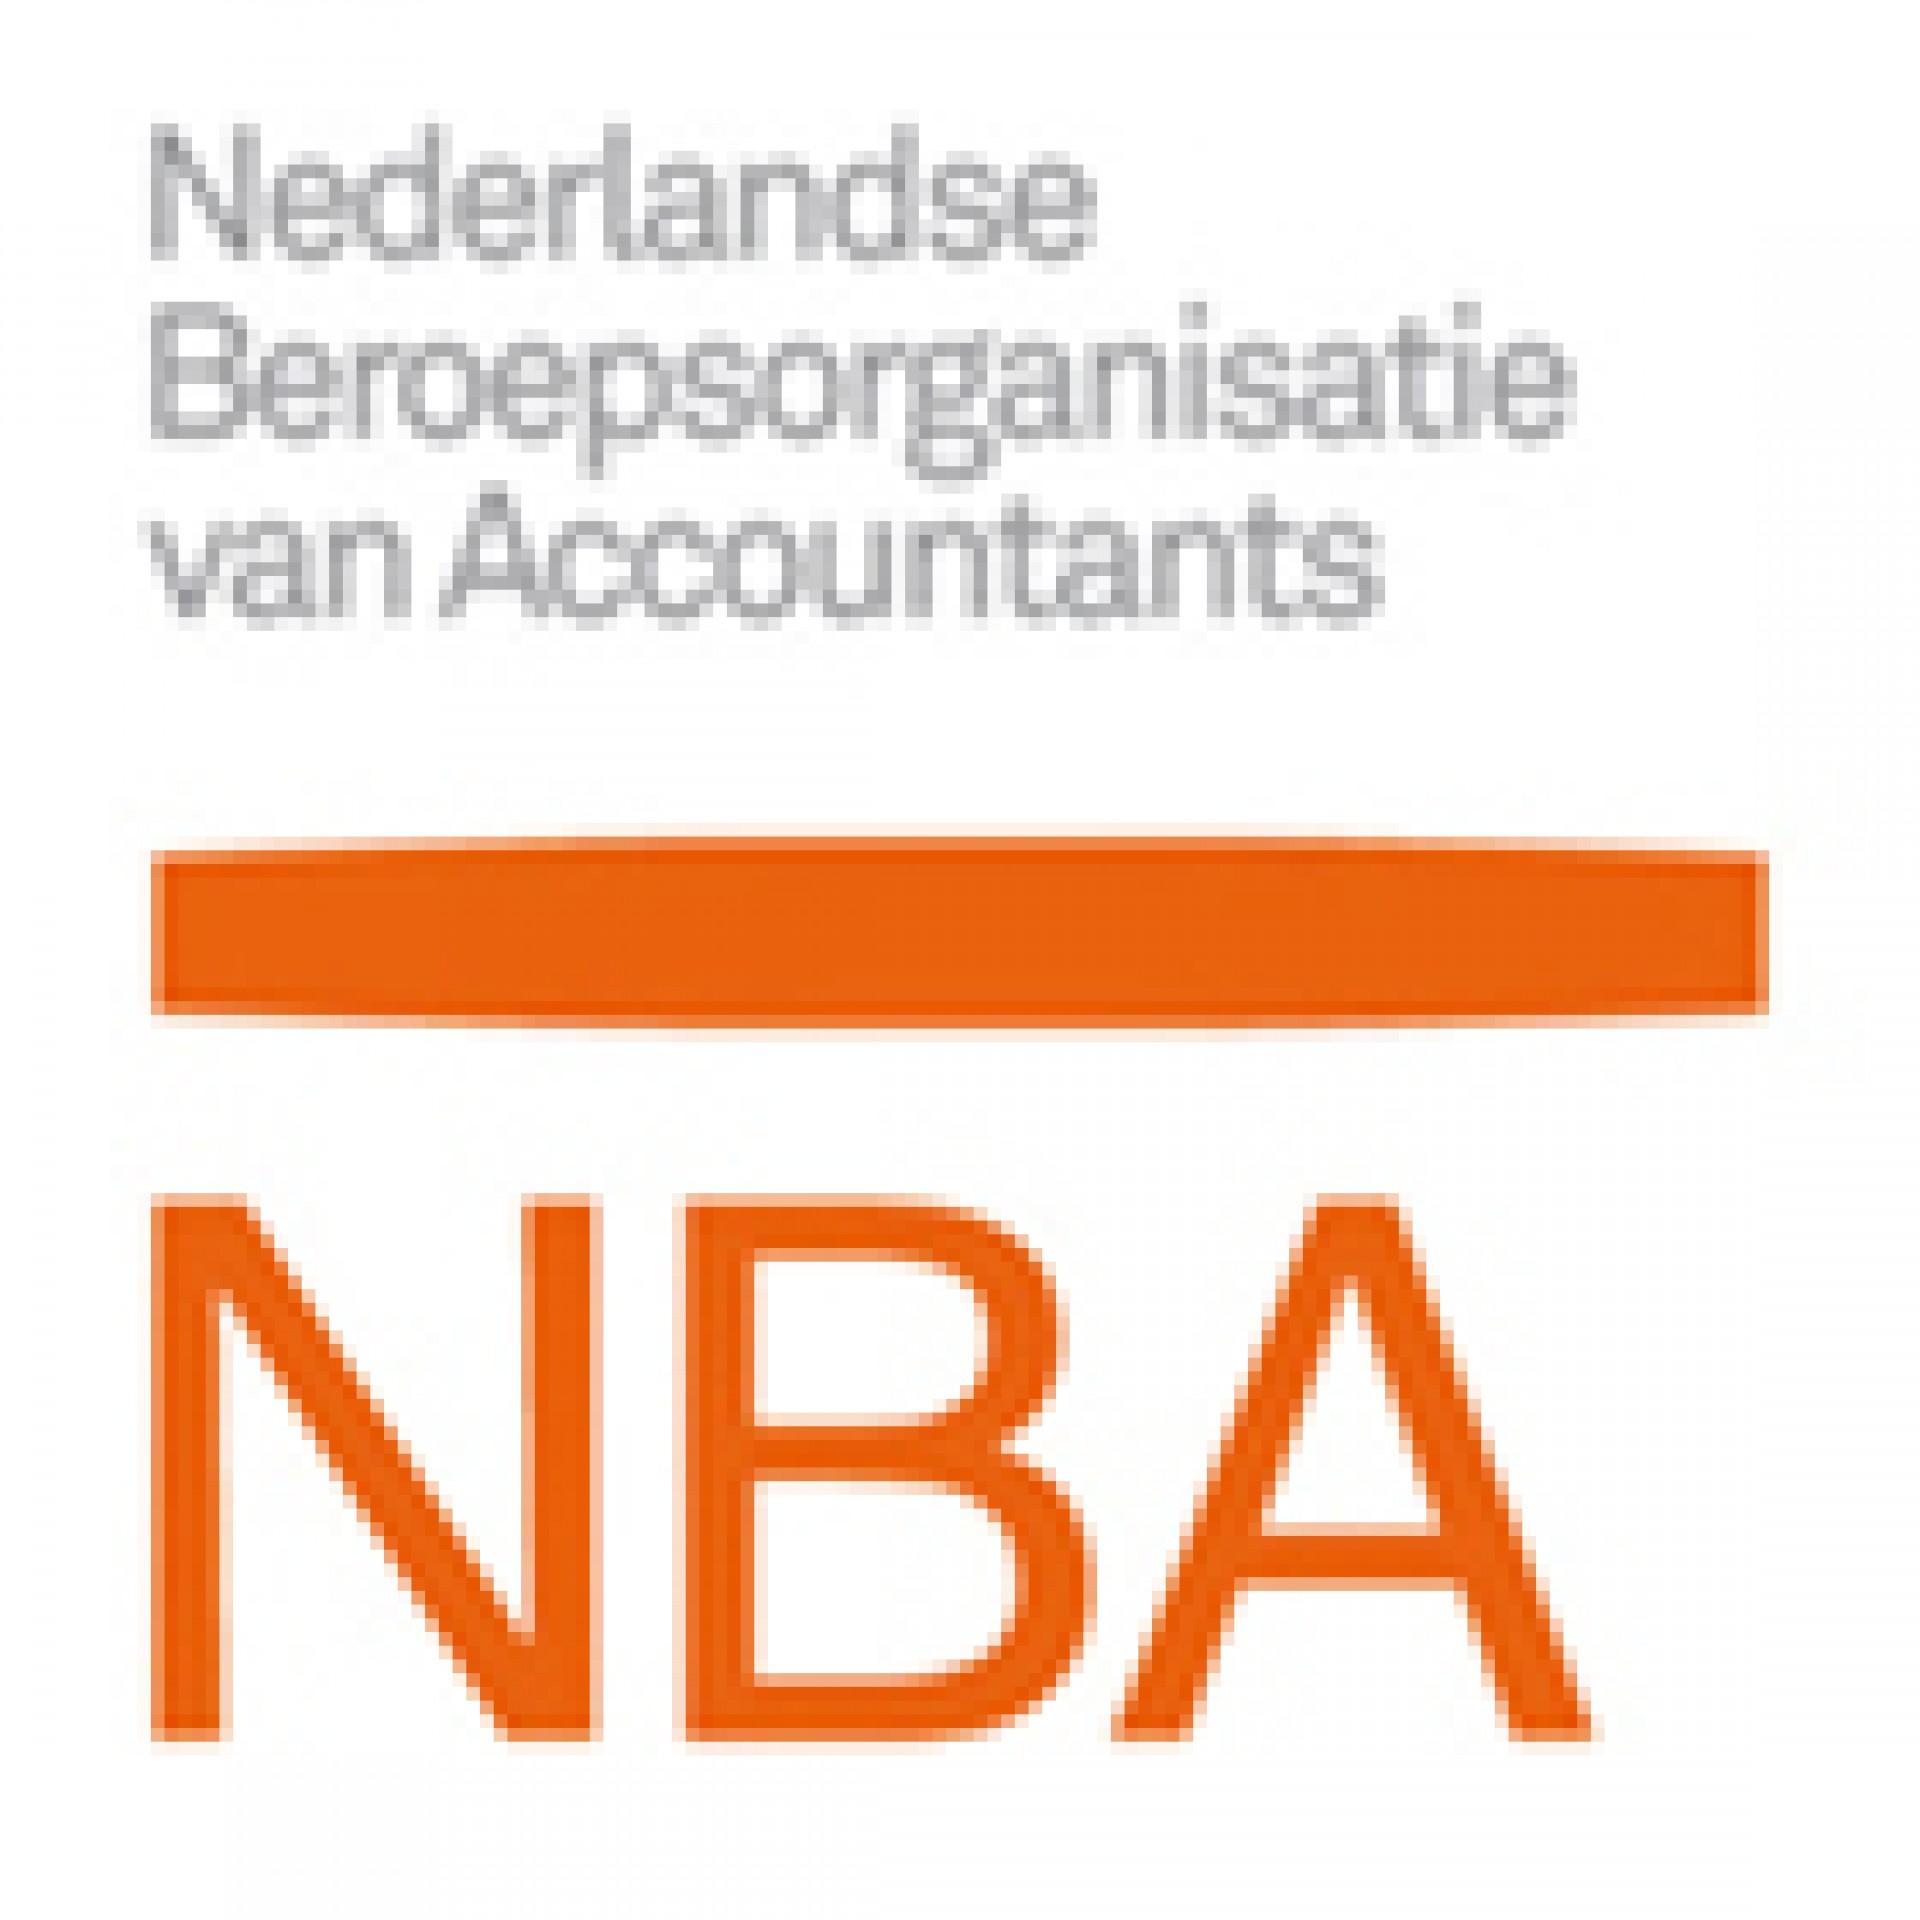 NBA - Nederlandse Beroepsorganisatie van Accountants